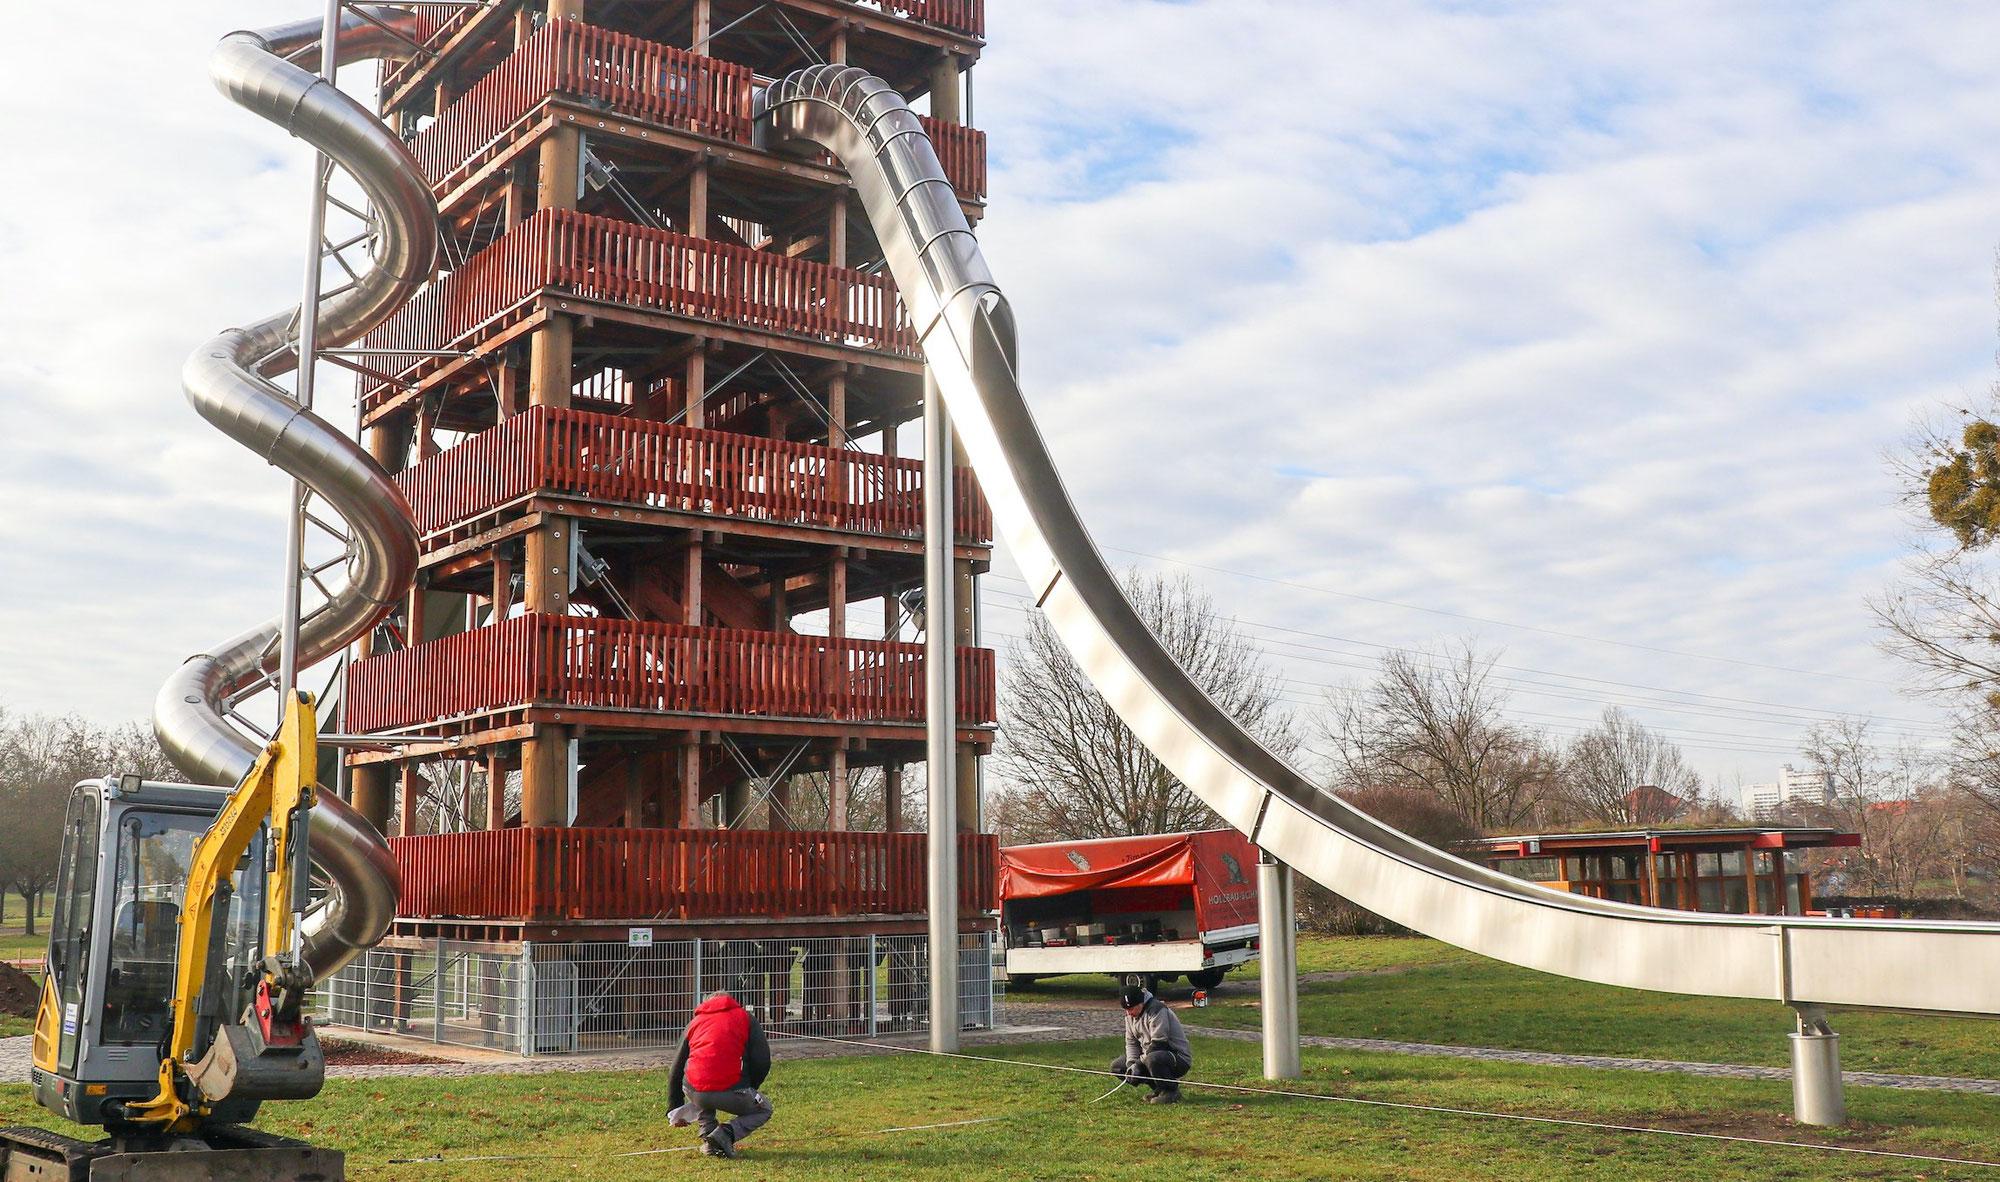 Riesen-Rutschen und Seilbahnen: Neue Attraktionen für den Elbauenpark